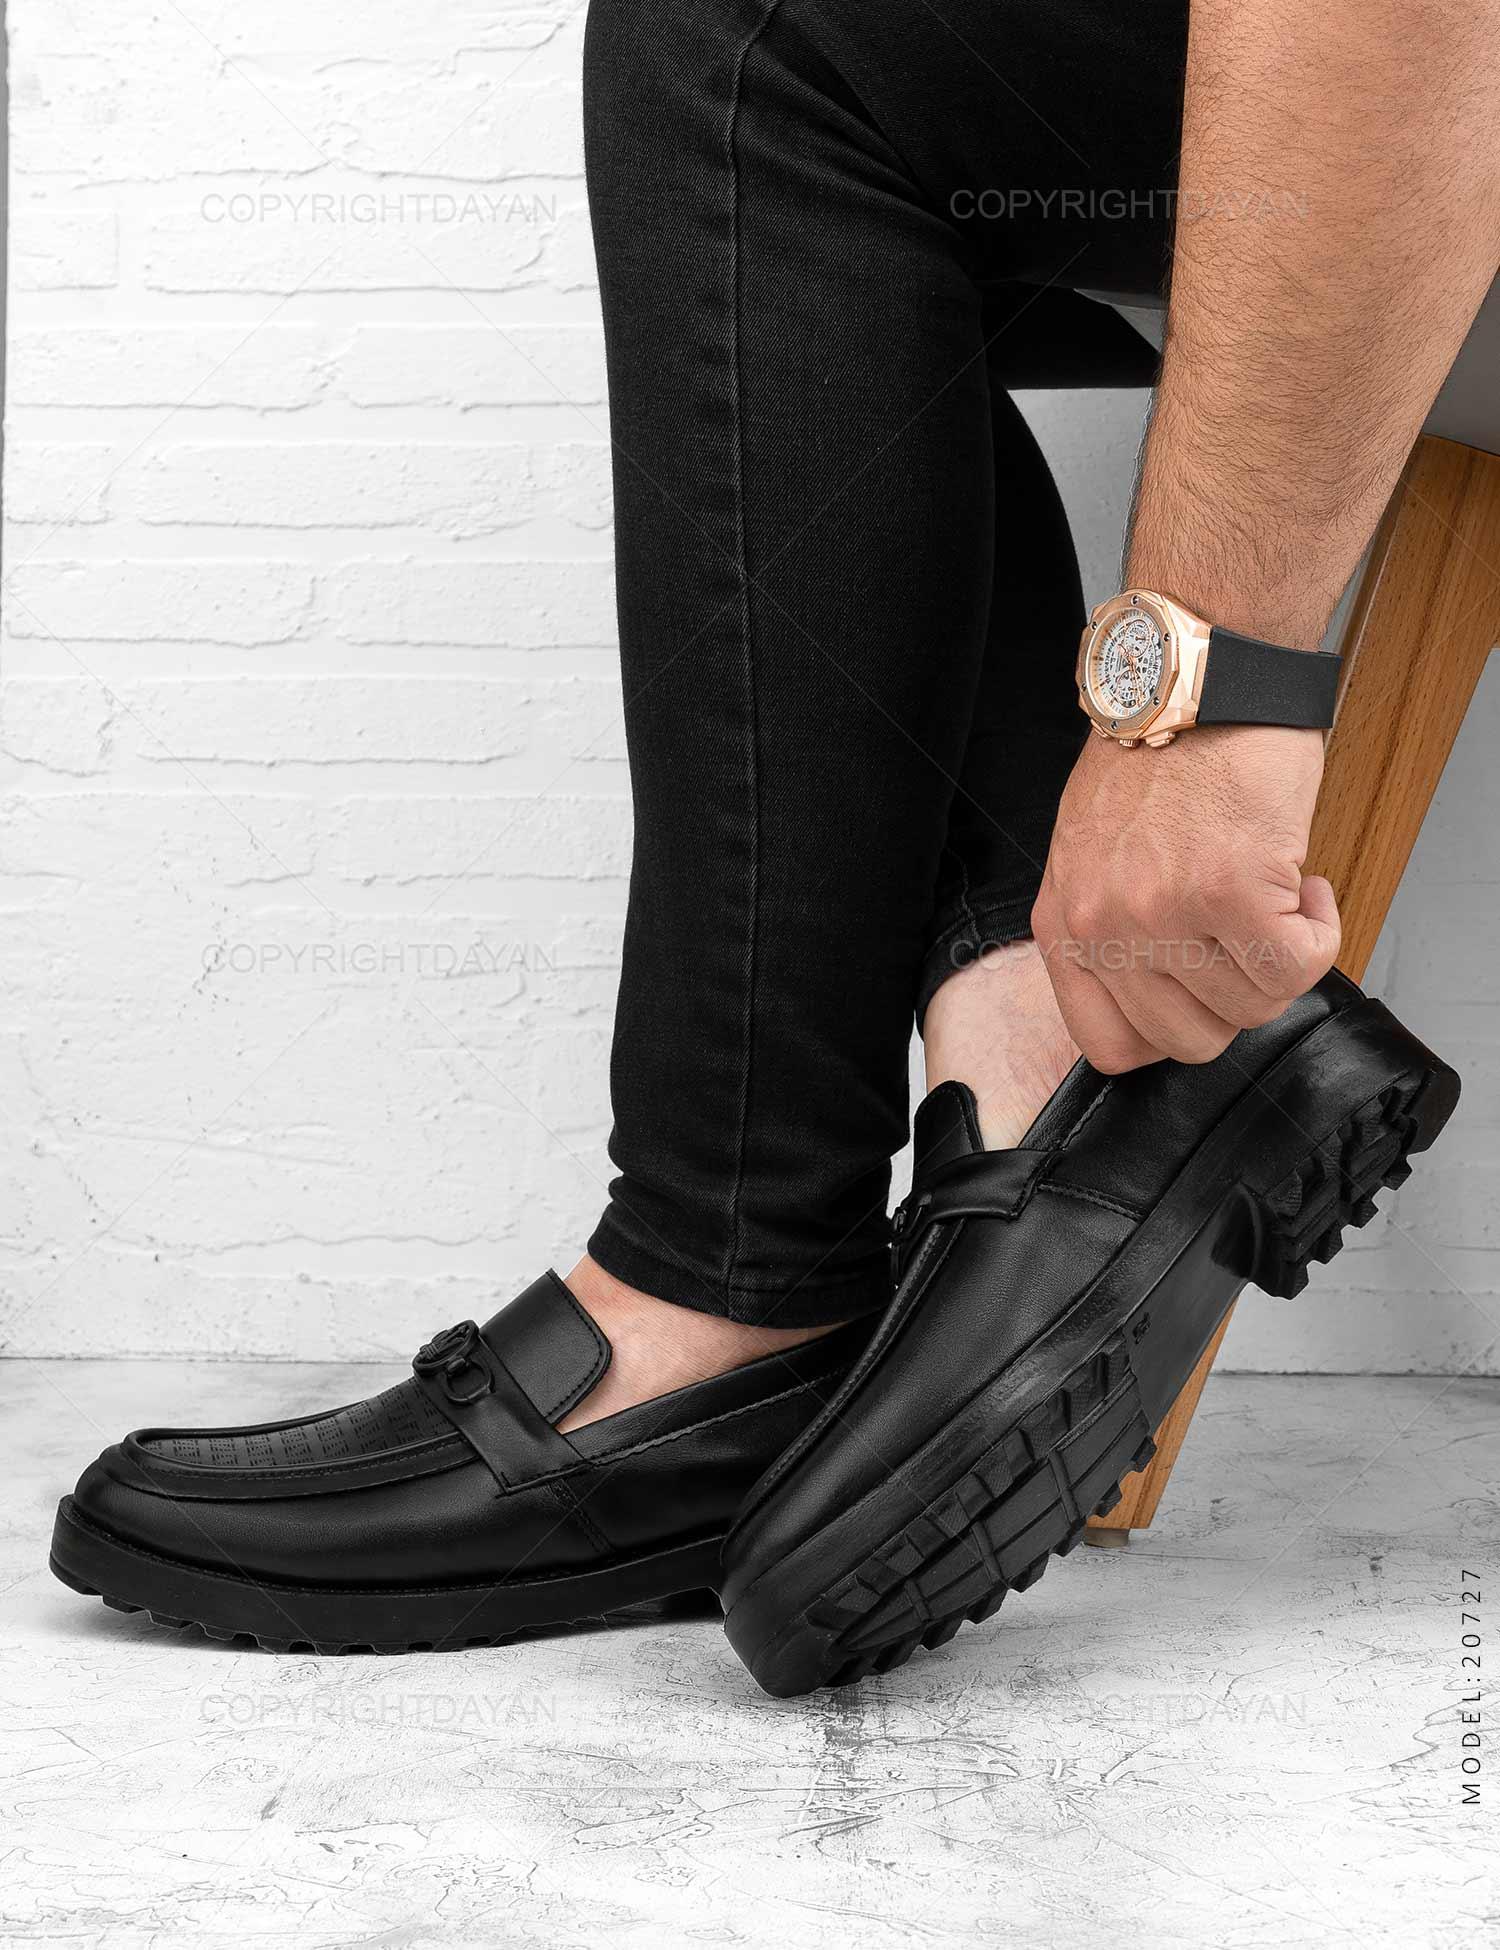 کفش مردانه Maserati مدل 20727 کفش مردانه Maserati مدل 20727 179,000 تومان